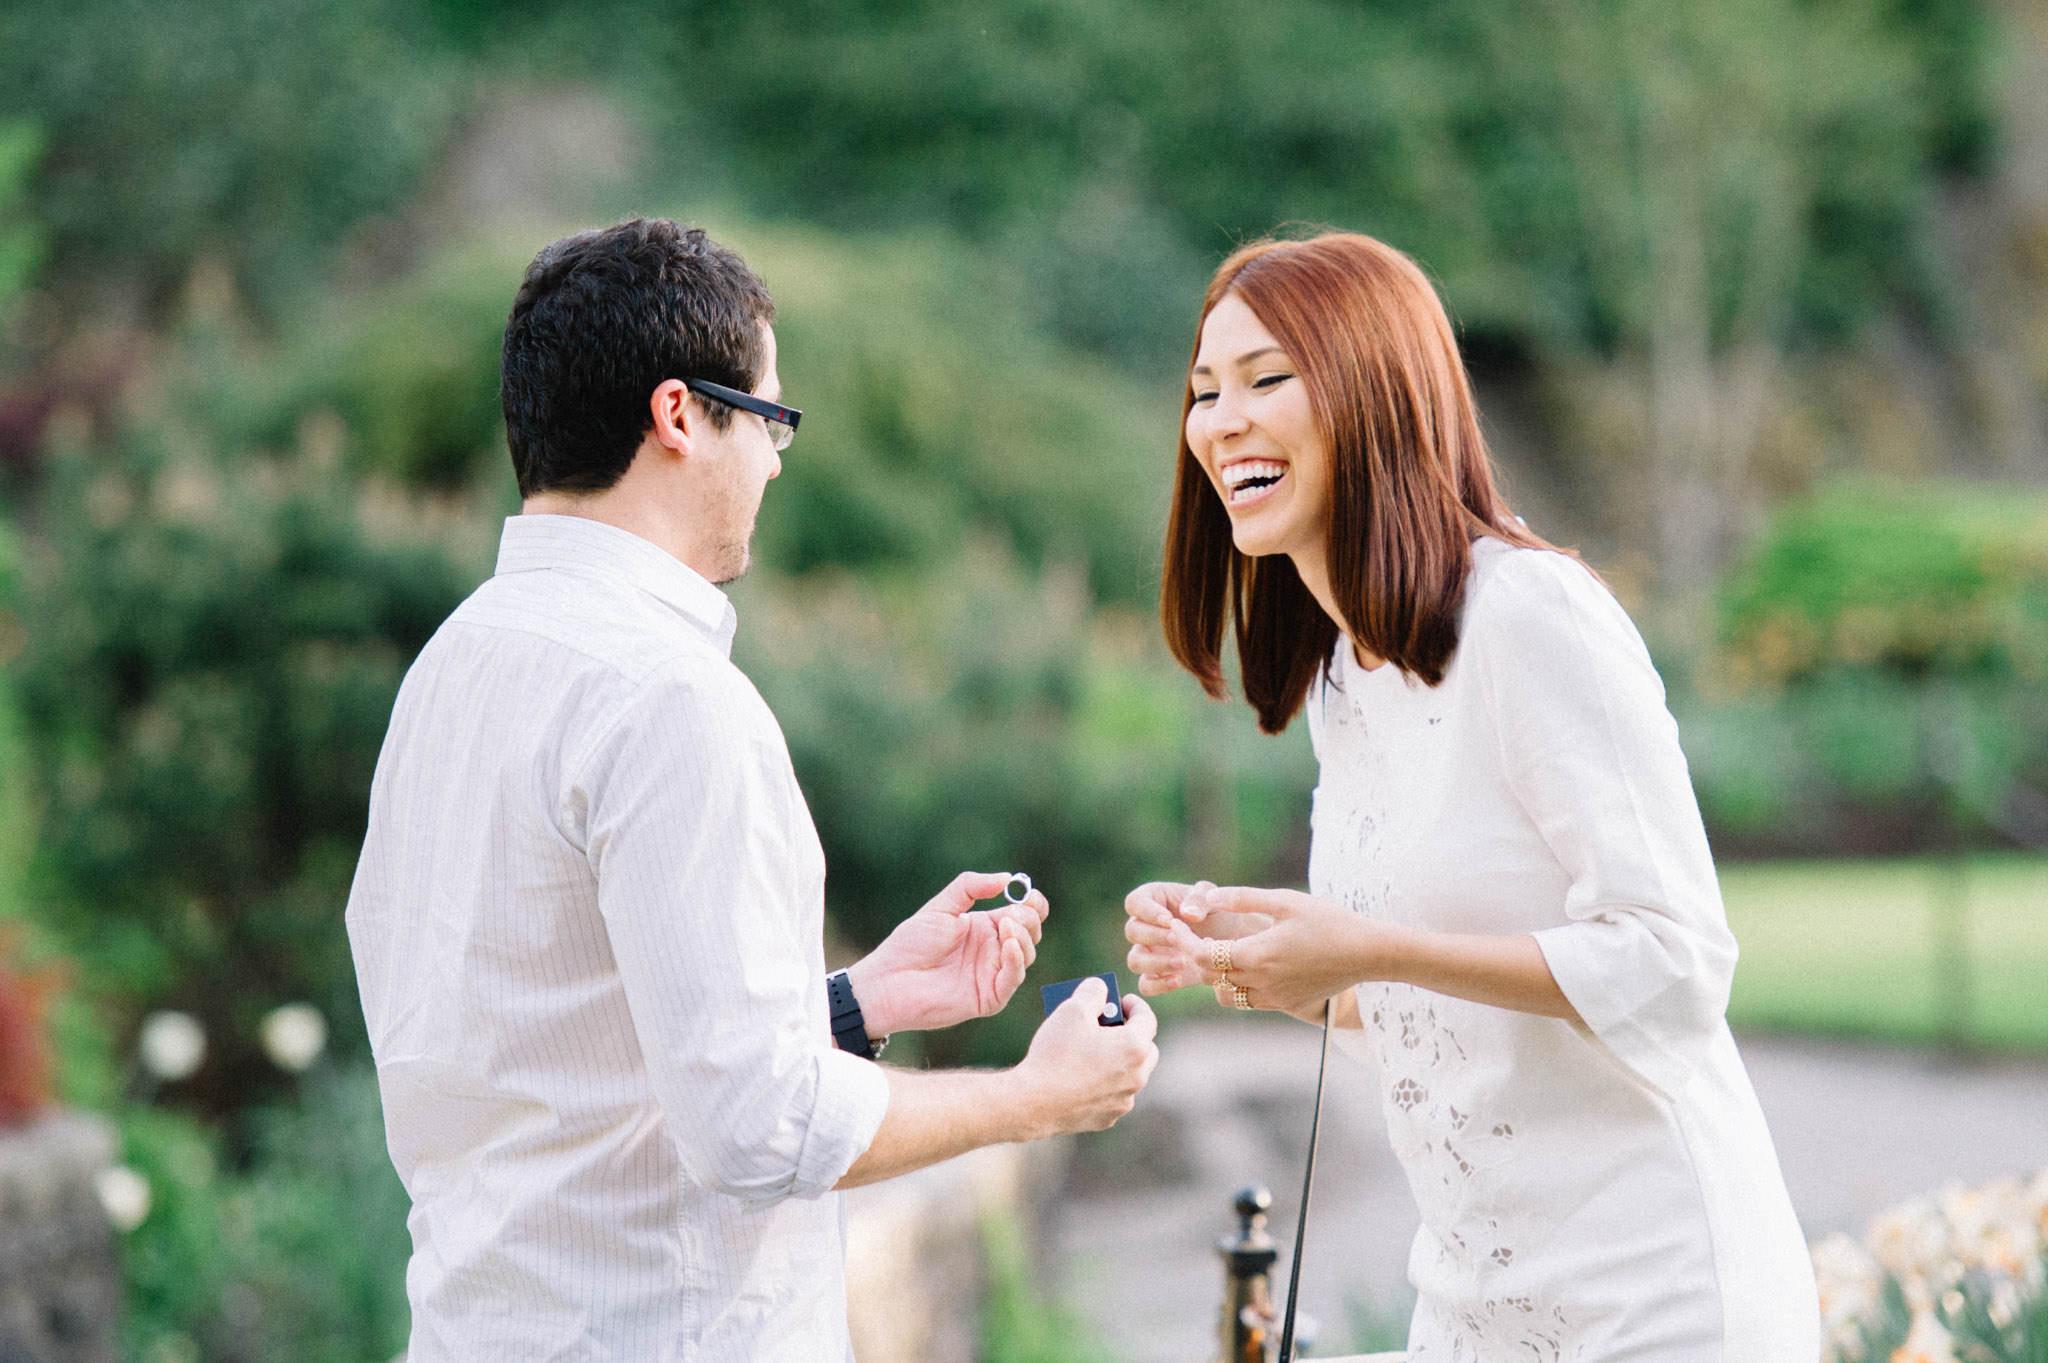 Queen Elizabeth Park surprise proposal